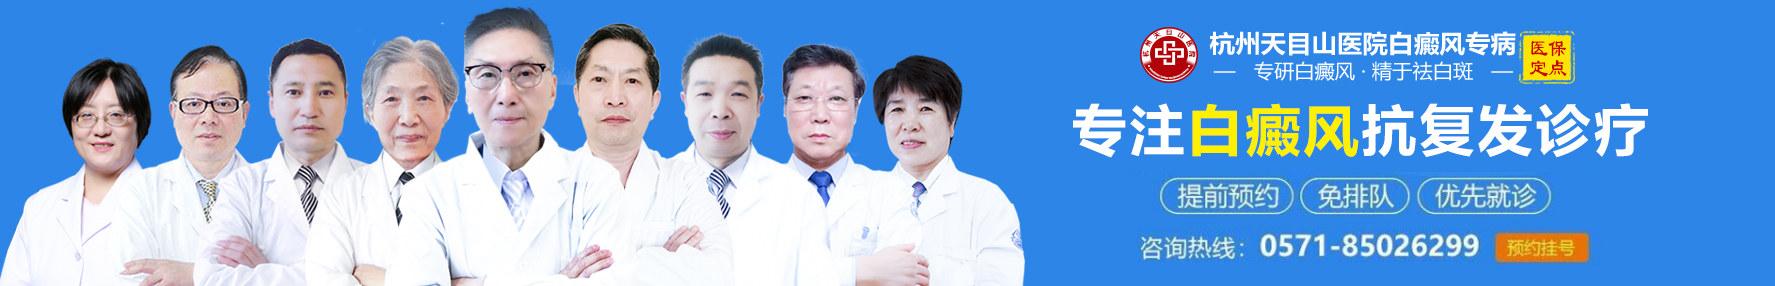 杭州天目山医院白癜风专病治疗